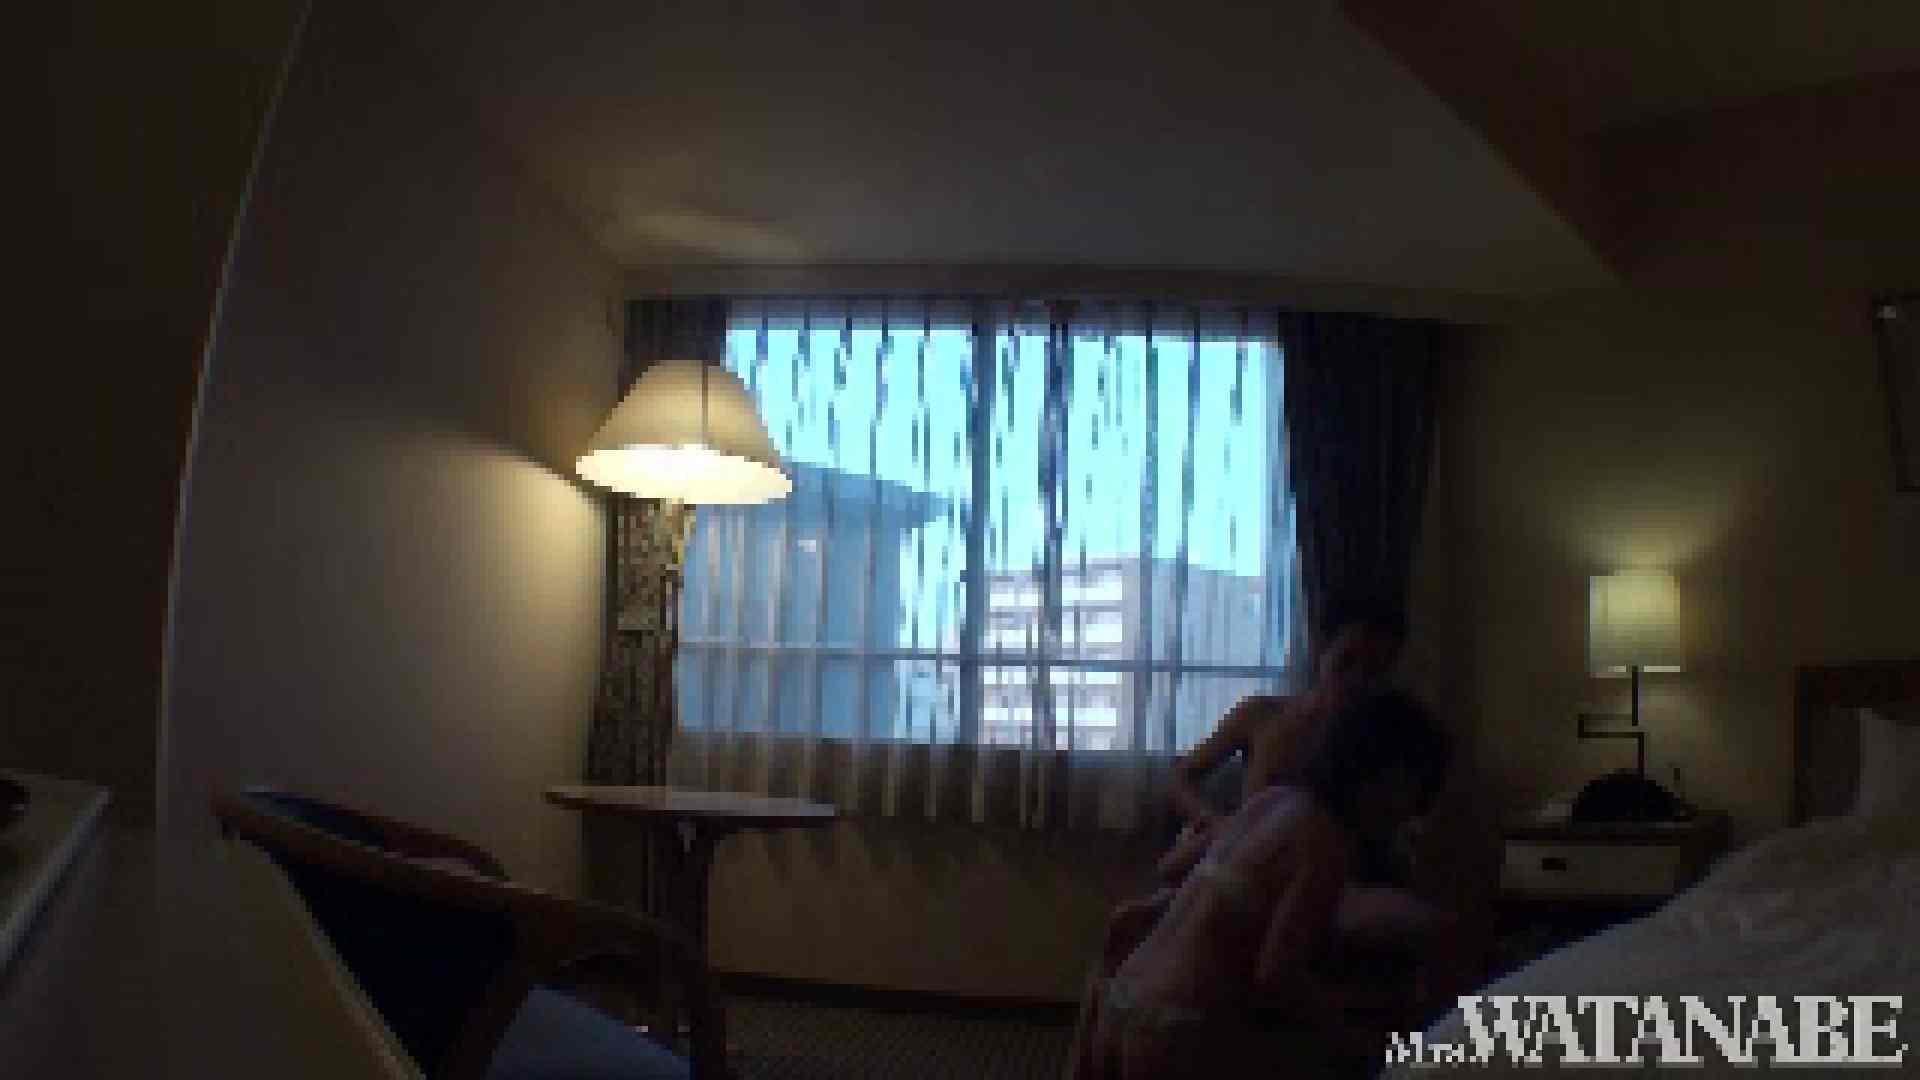 撮影スタッフを誘惑する痴熟女 かおり40歳 Vol.03 OLのエッチ  93pic 46